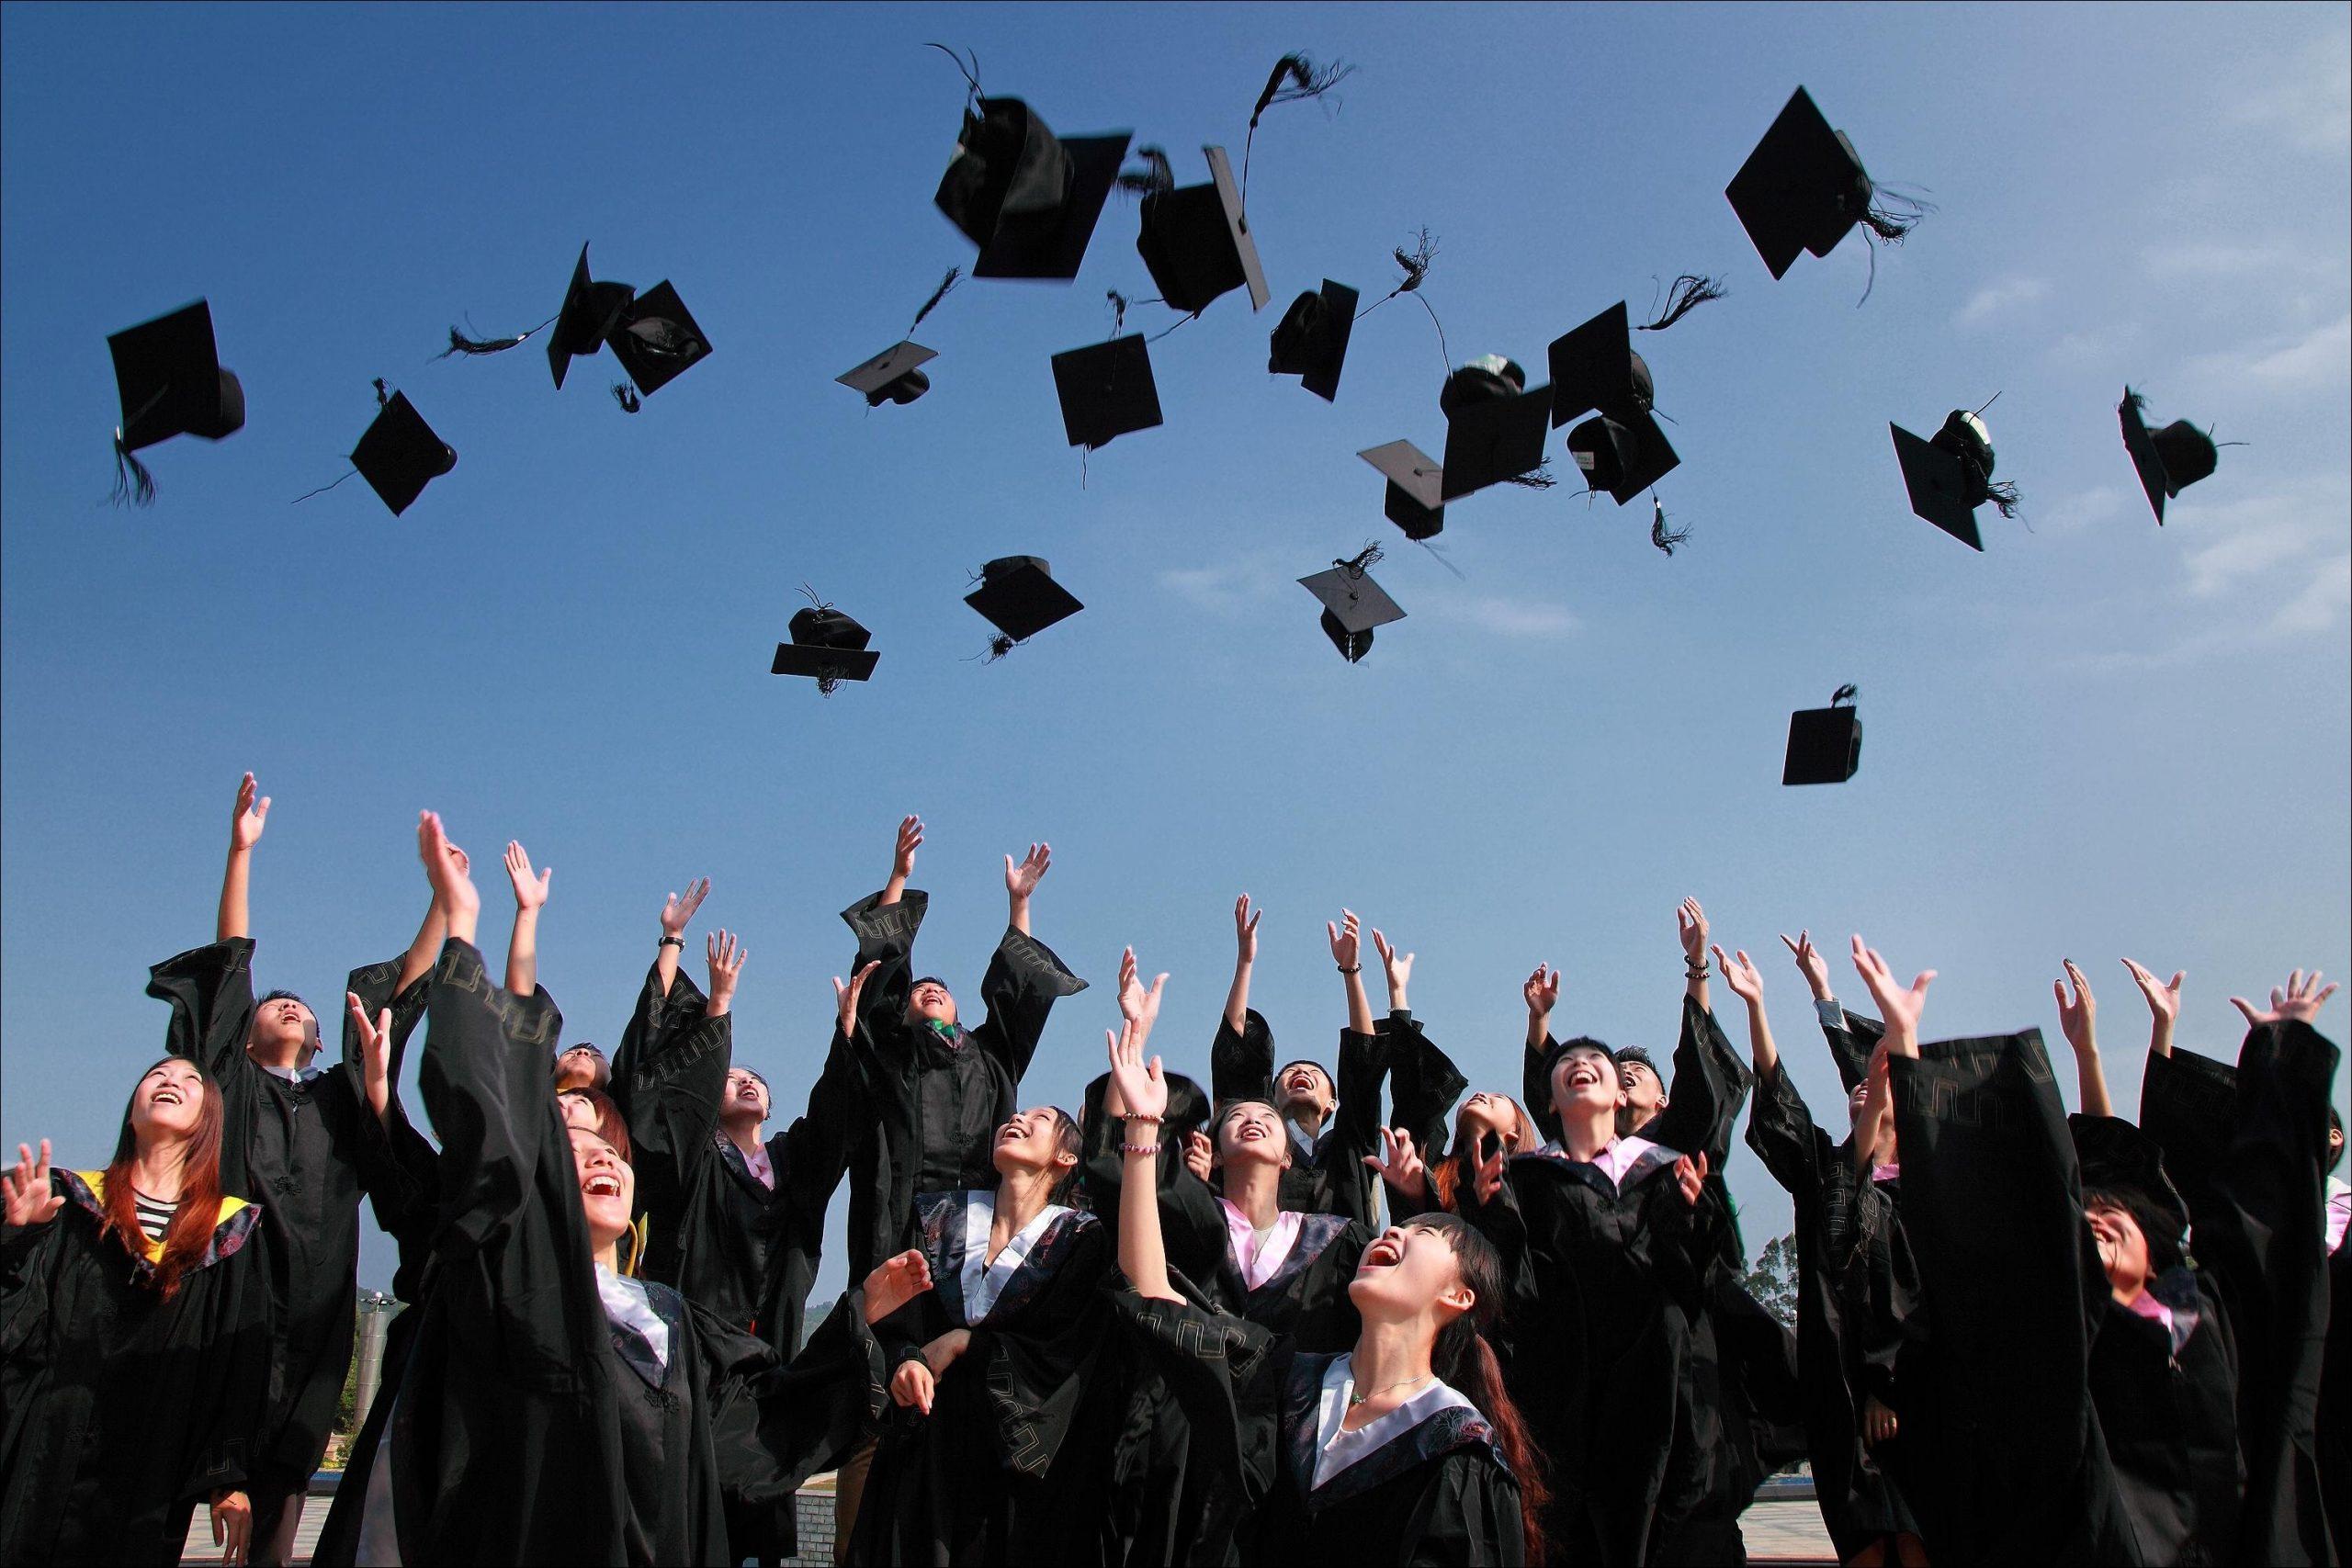 教育行业如何跟进管理学员生命周期